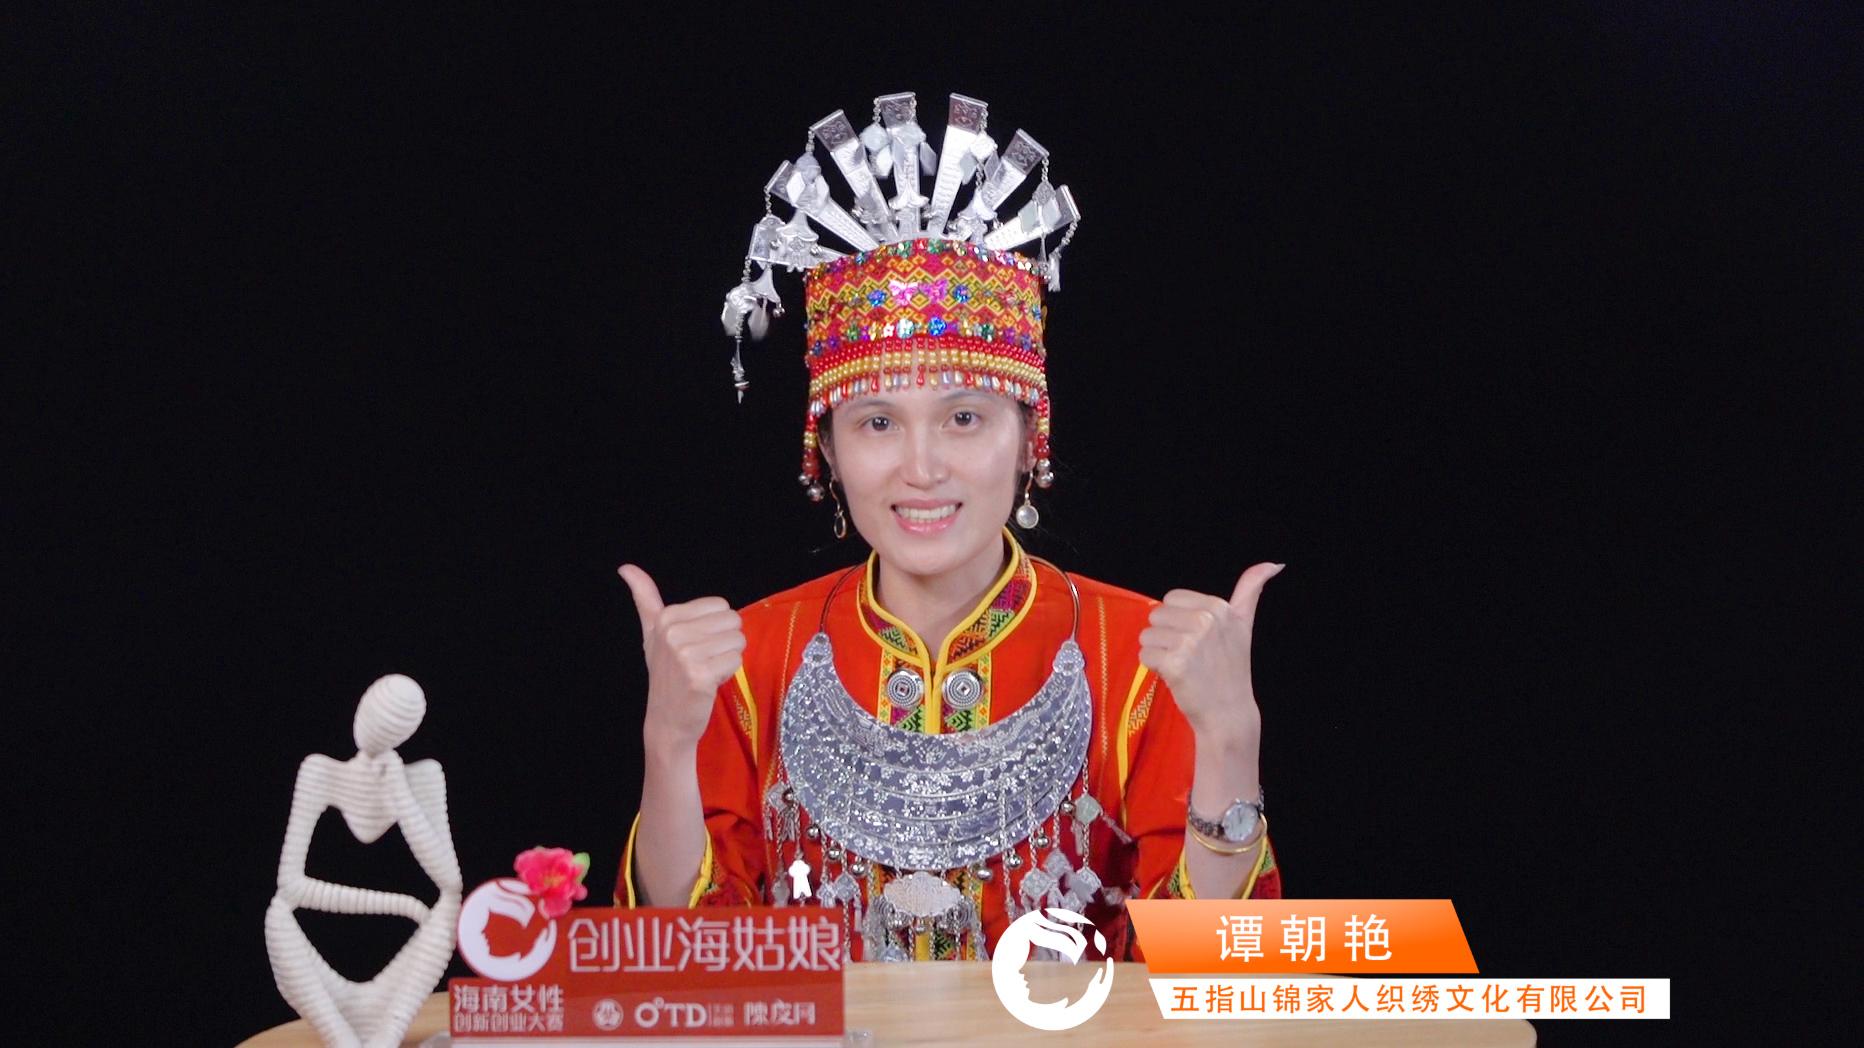 创业海姑娘|锦家人谭朝艳,技艺的继承和延续